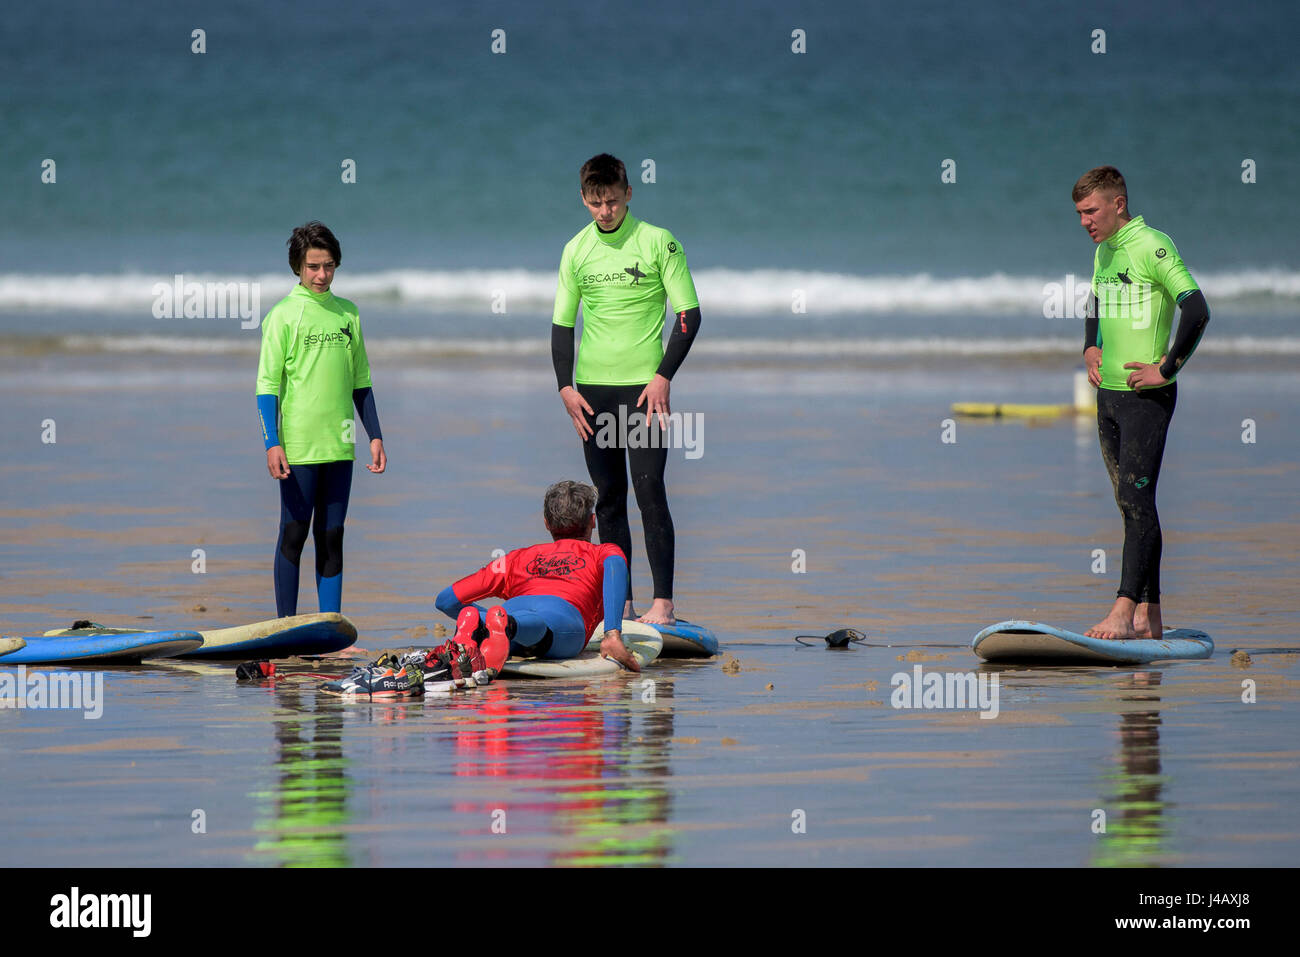 Una scuola di surf istruttore insegnamento novizi Newquay Cornwall Surf Surfer ai partecipanti imparare Coaching Immagini Stock